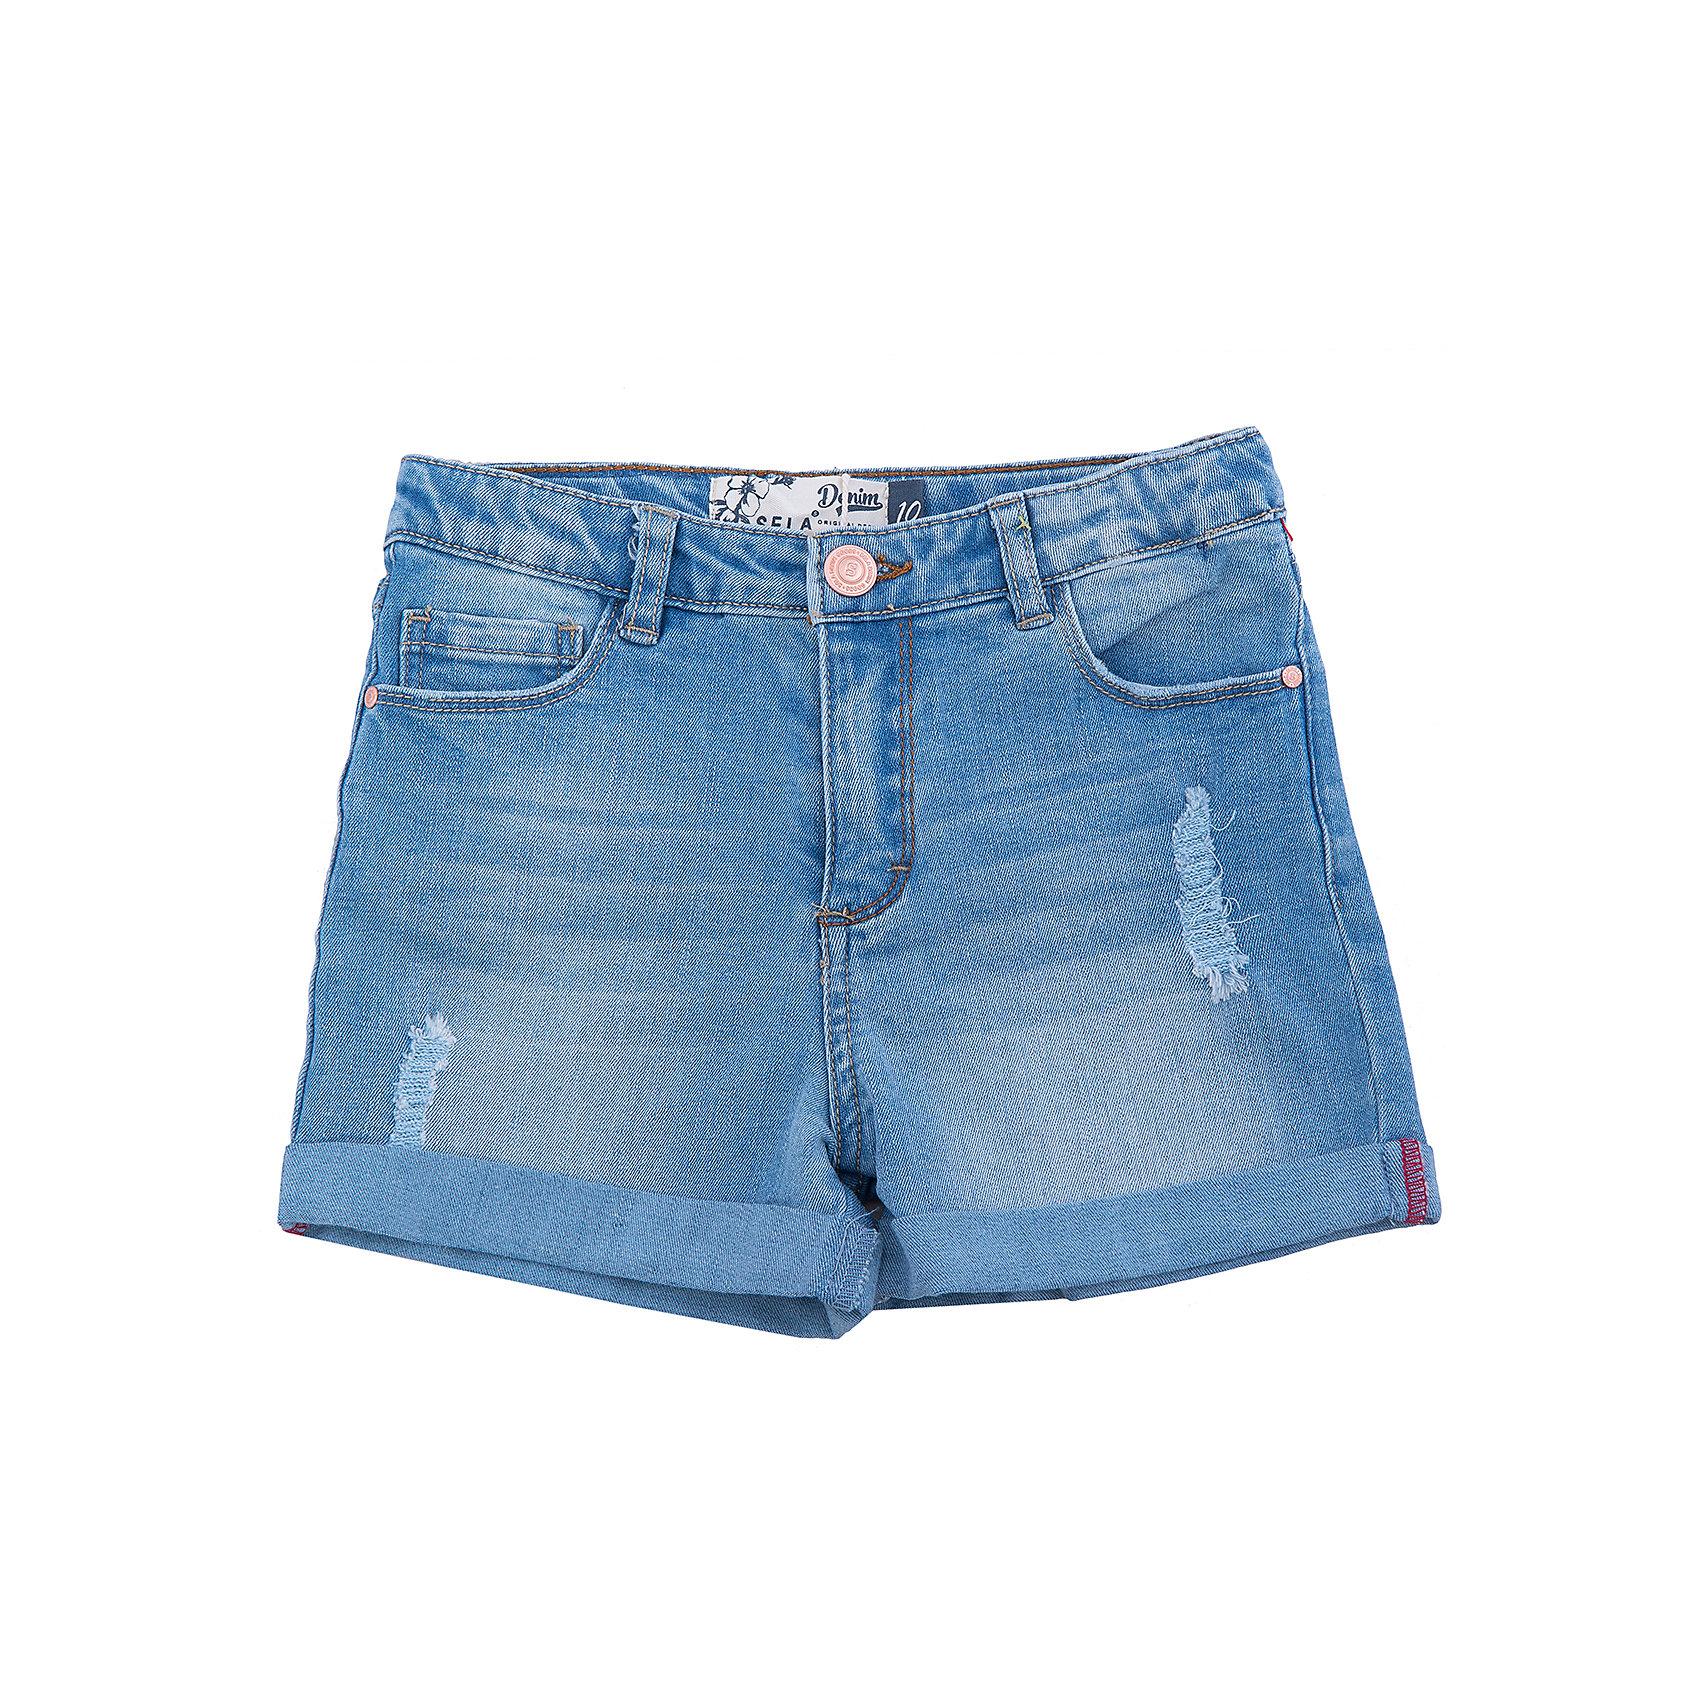 Шорты джинсовые для девочки SELAШорты, бриджи, капри<br>Шорты джинсовые для девочки от известного бренда SELA<br>Состав:<br>63% хлопок, 23% ПЭ, 12% вискоза, 2% эластан<br><br>Ширина мм: 191<br>Глубина мм: 10<br>Высота мм: 175<br>Вес г: 273<br>Цвет: голубой<br>Возраст от месяцев: 96<br>Возраст до месяцев: 108<br>Пол: Женский<br>Возраст: Детский<br>Размер: 134,140,146,152,122,128<br>SKU: 5303048